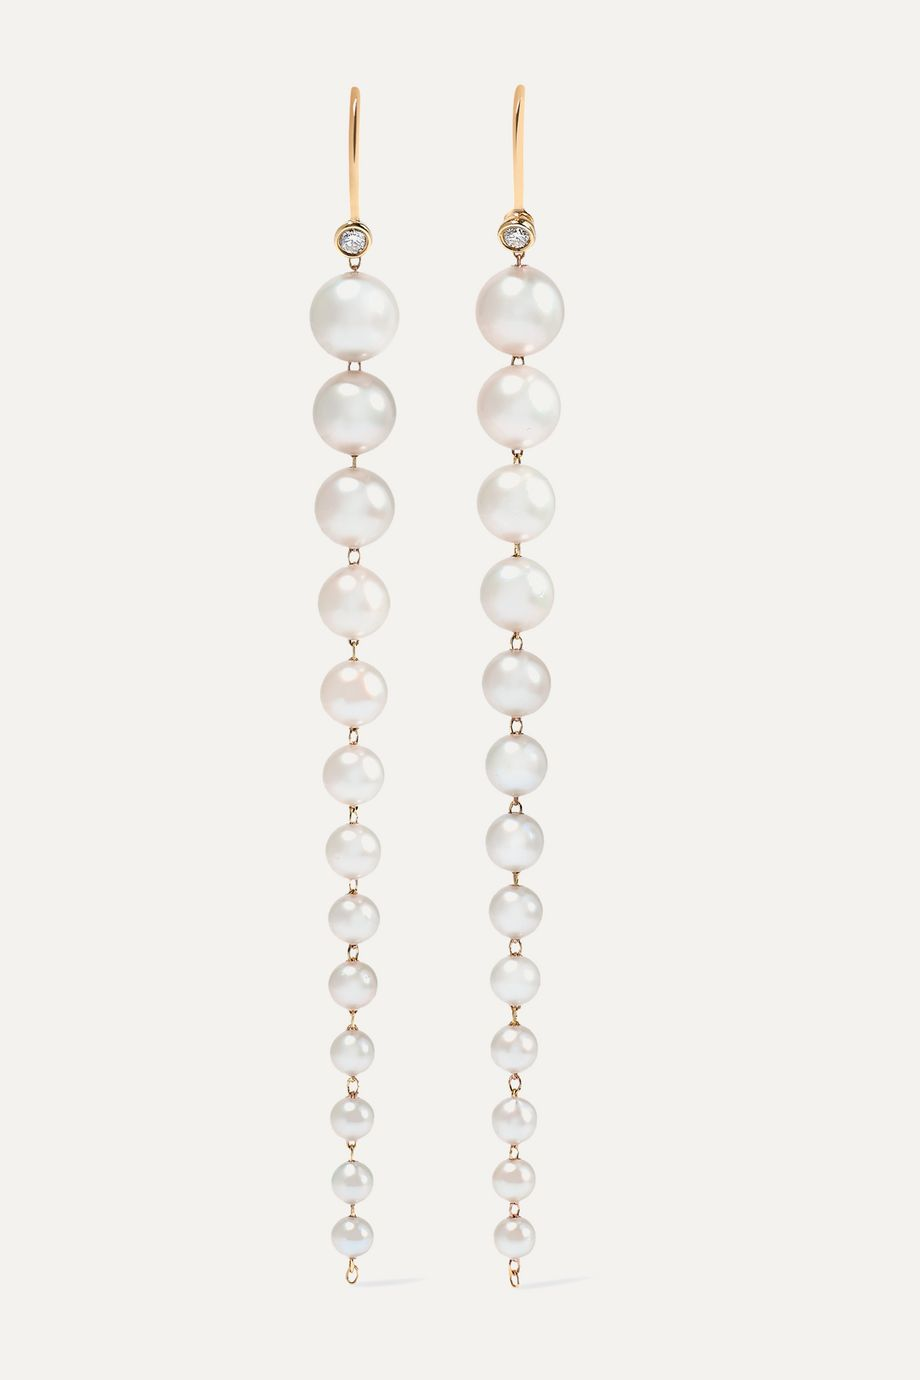 Mizuki 14K 黄金、珍珠、钻石耳环